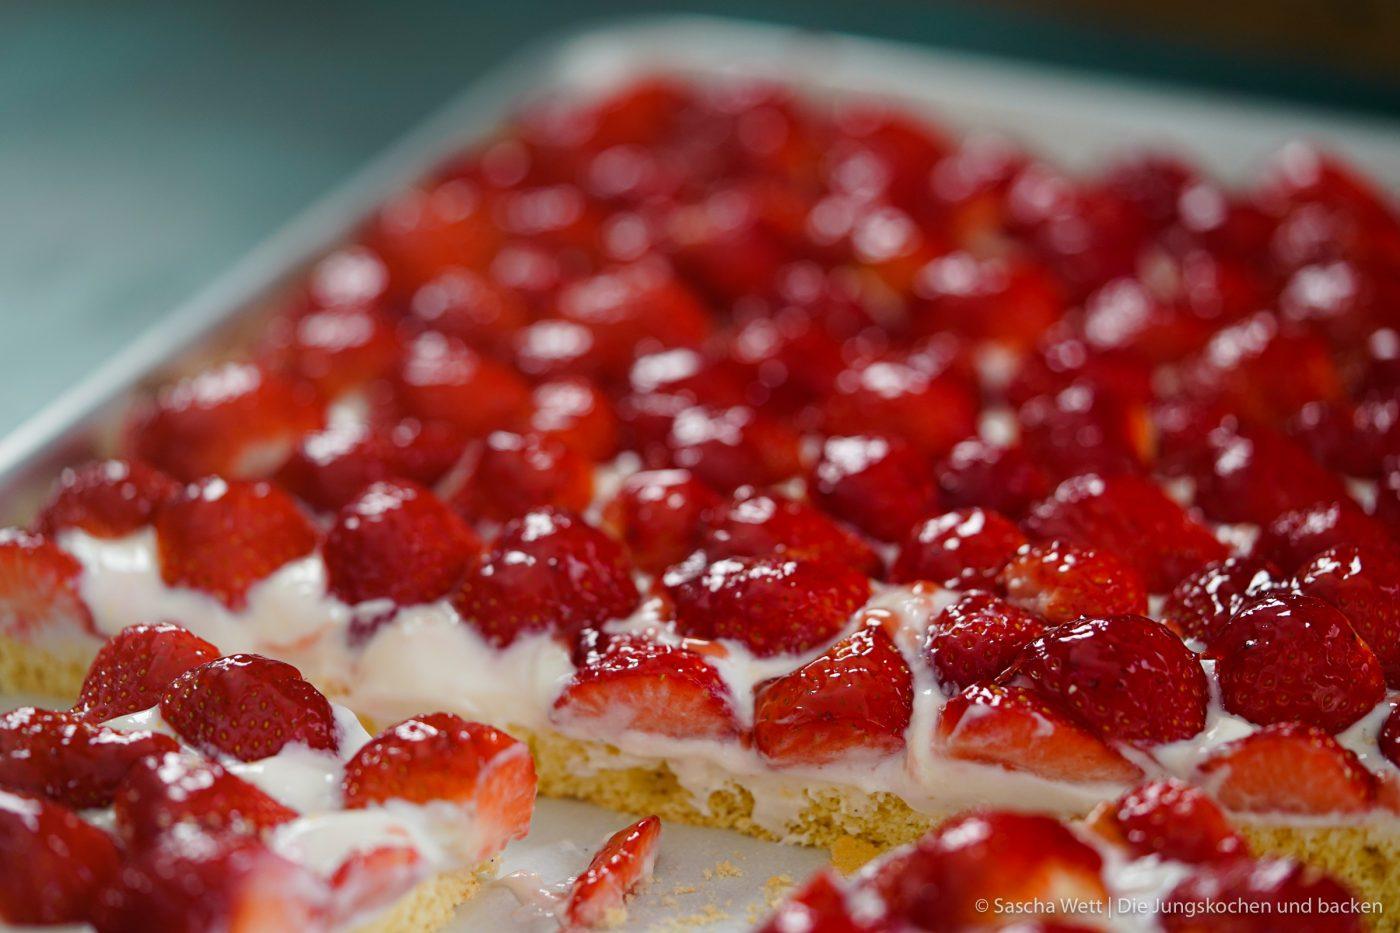 Erdbeer Blechkuchen 4 | Es gibt 2 Früchte, die zur selben Zeit Saison haben, die wir beide super gerne verarbeiten und essen und die auch noch perfekt zusammen passen. Heute ist es zwar nicht der Rhabarber, den wir auf dem Schirm haben, sondern die Erdbeere. Findet ihr nicht auch, dass diese Zeit des Jahres einfach die allerbeste ist, weil ein Erdbeerkuchen oder auch ein Rhabarberkuchen sowas von erfrischend ist, dass man fast jede andere Frucht einfach stehen lassen könnte?! Und dabei gibt es auch noch Millionen Möglichkeiten, die leckeren Früchte zu verarbeiten - da sind der Fantasie keine Grenzen gesetzt.